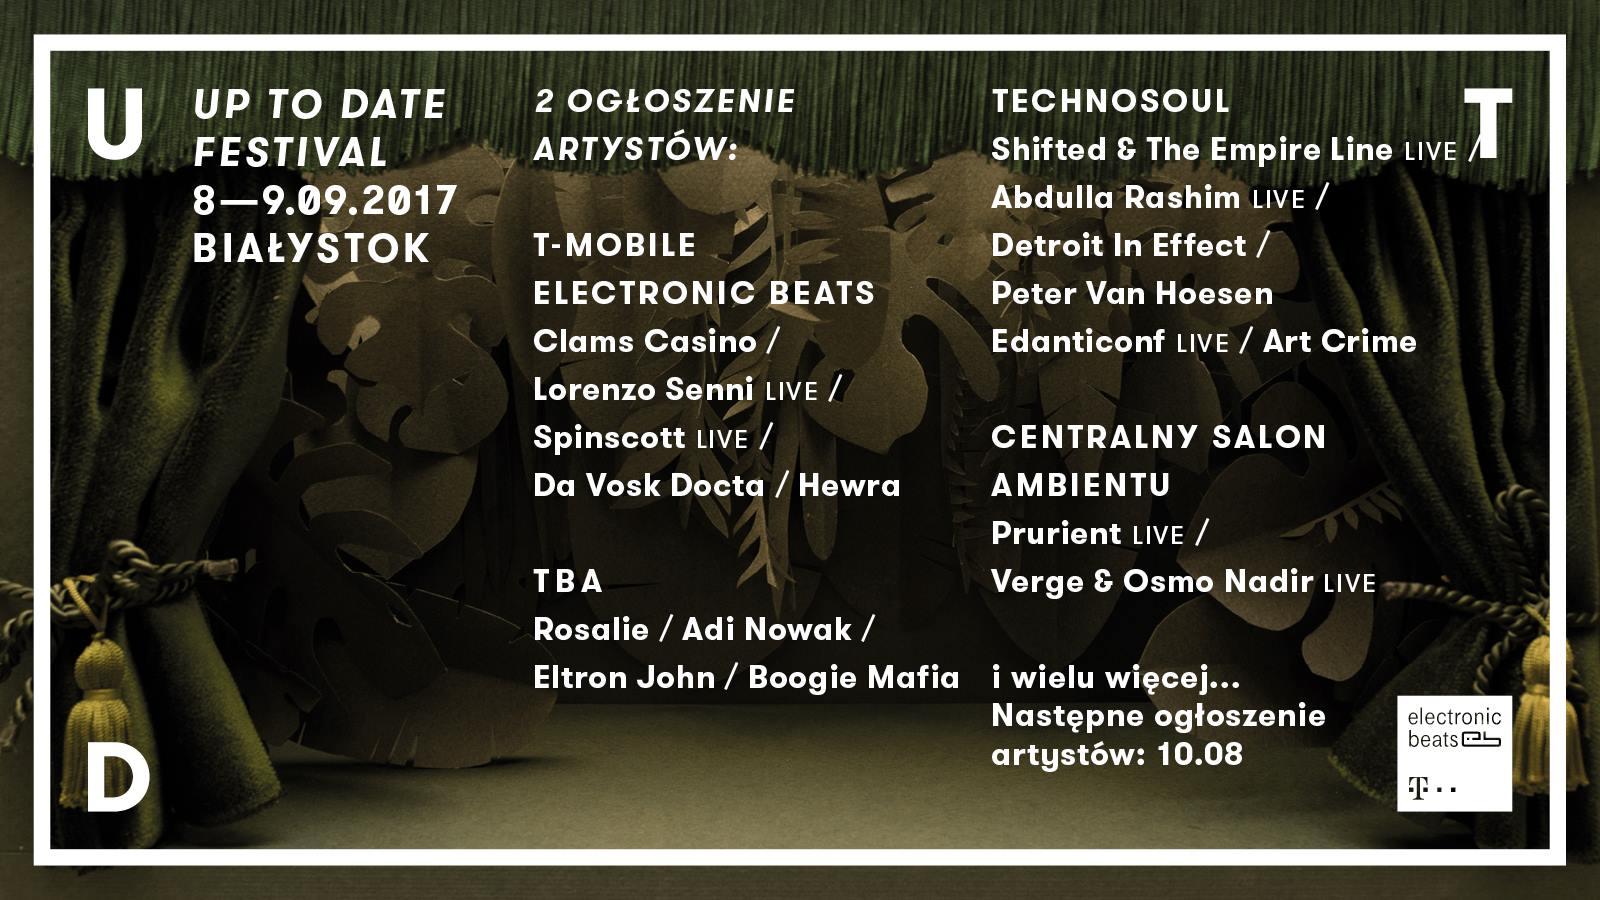 Drugie ogłoszenie artystów Up To Date Festival 2017!